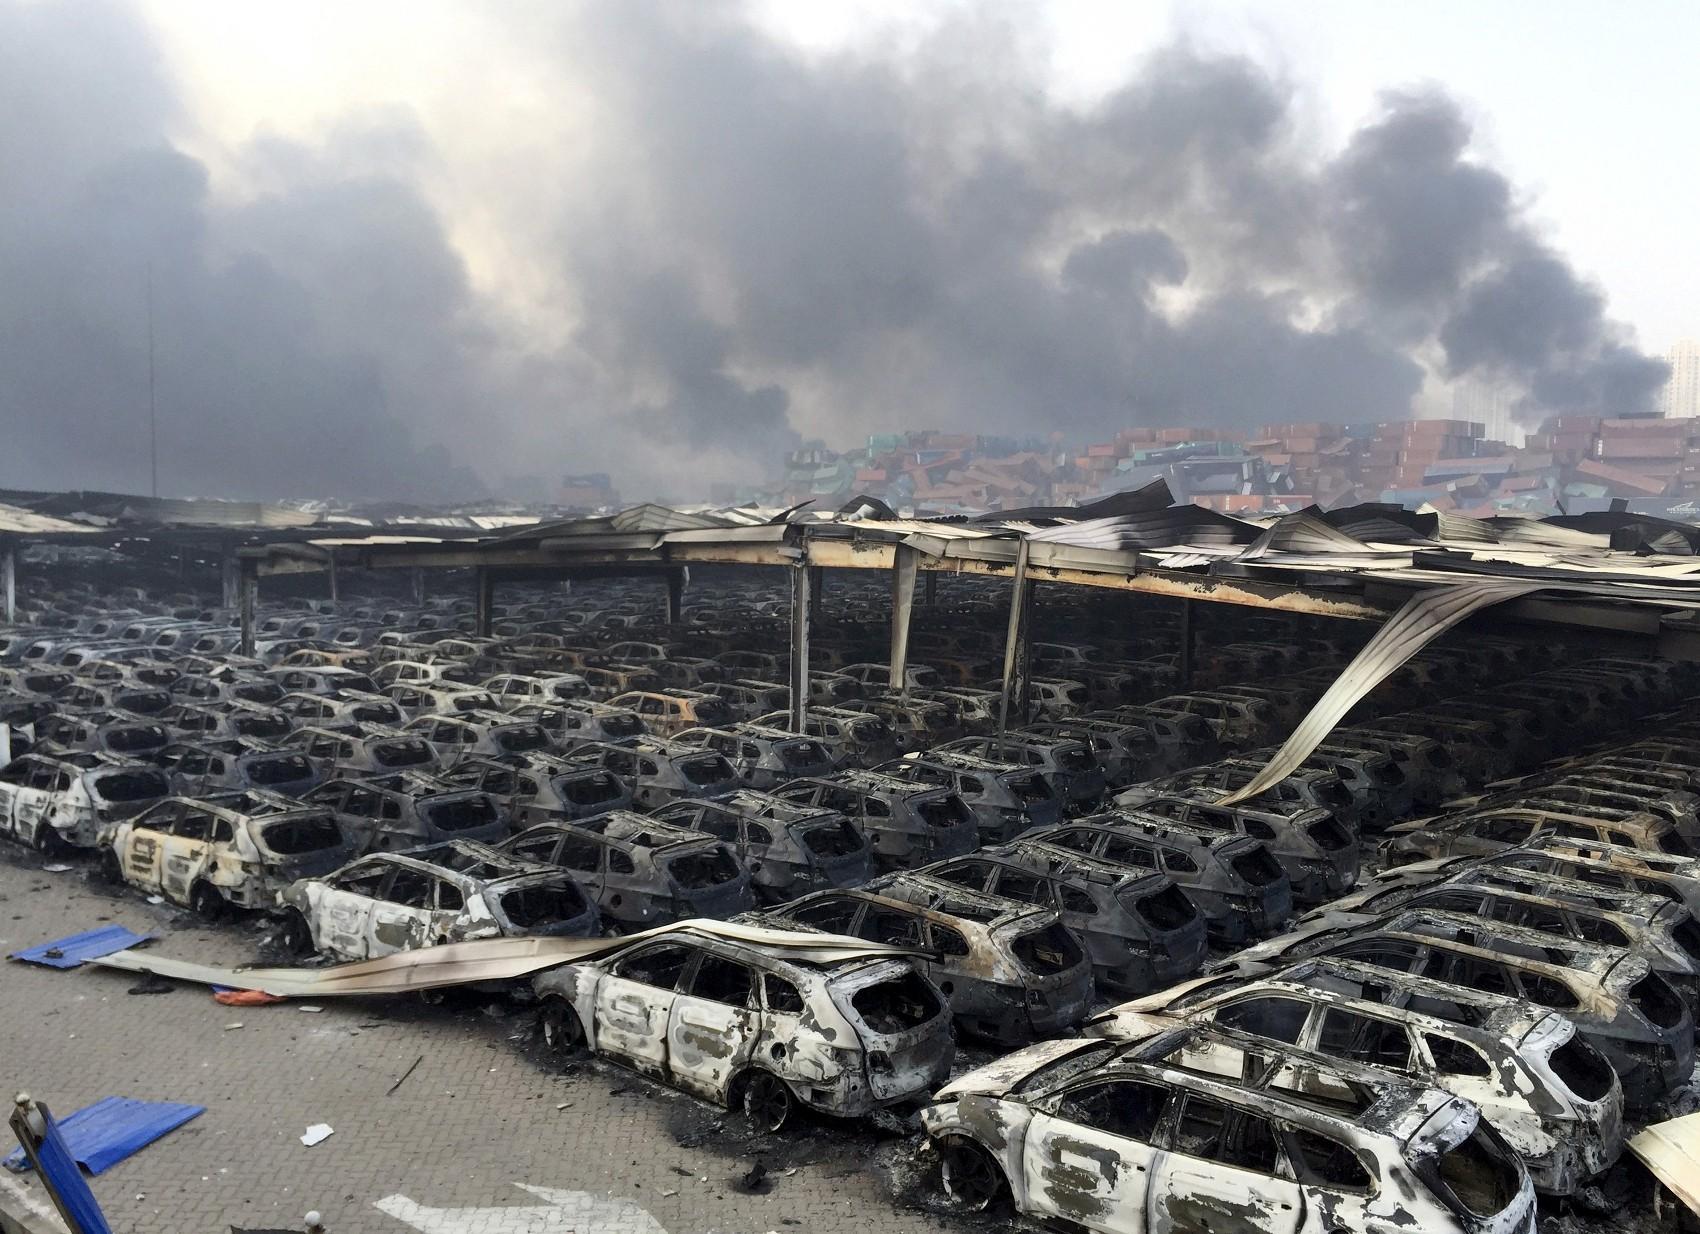 В Китае блокируют аккаунты соцсетей по причине паники из-за взрыва в Тяньцзине